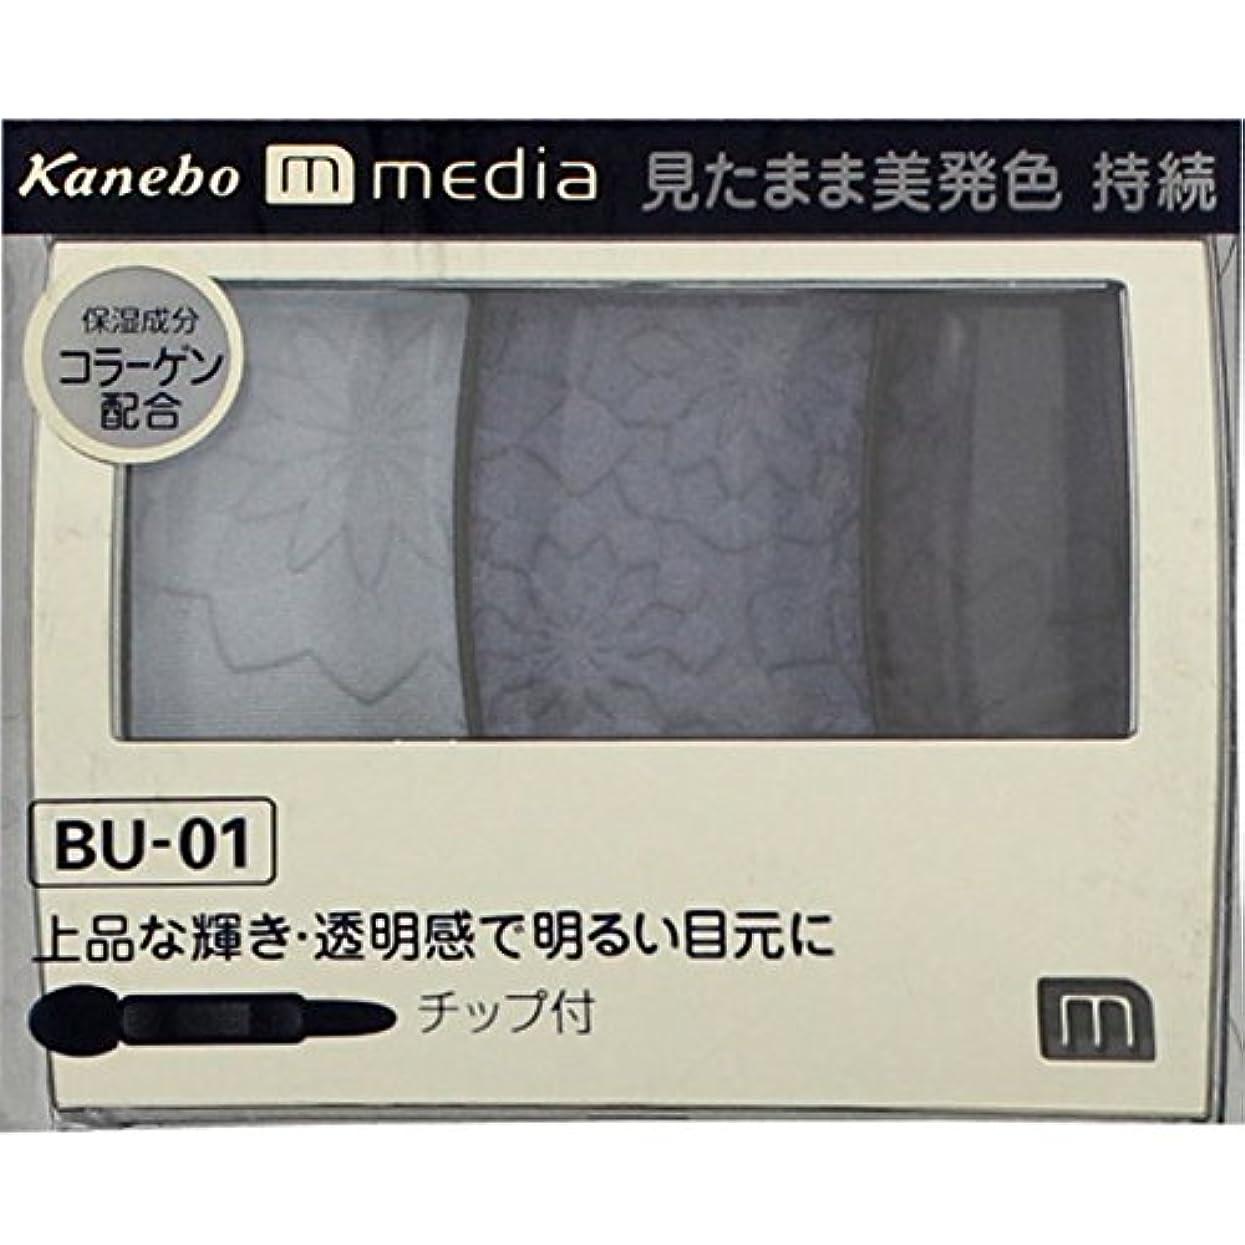 バスタブ気づかないメイン【カネボウ】 メディア グラデカラーアイシャドウ BU-01